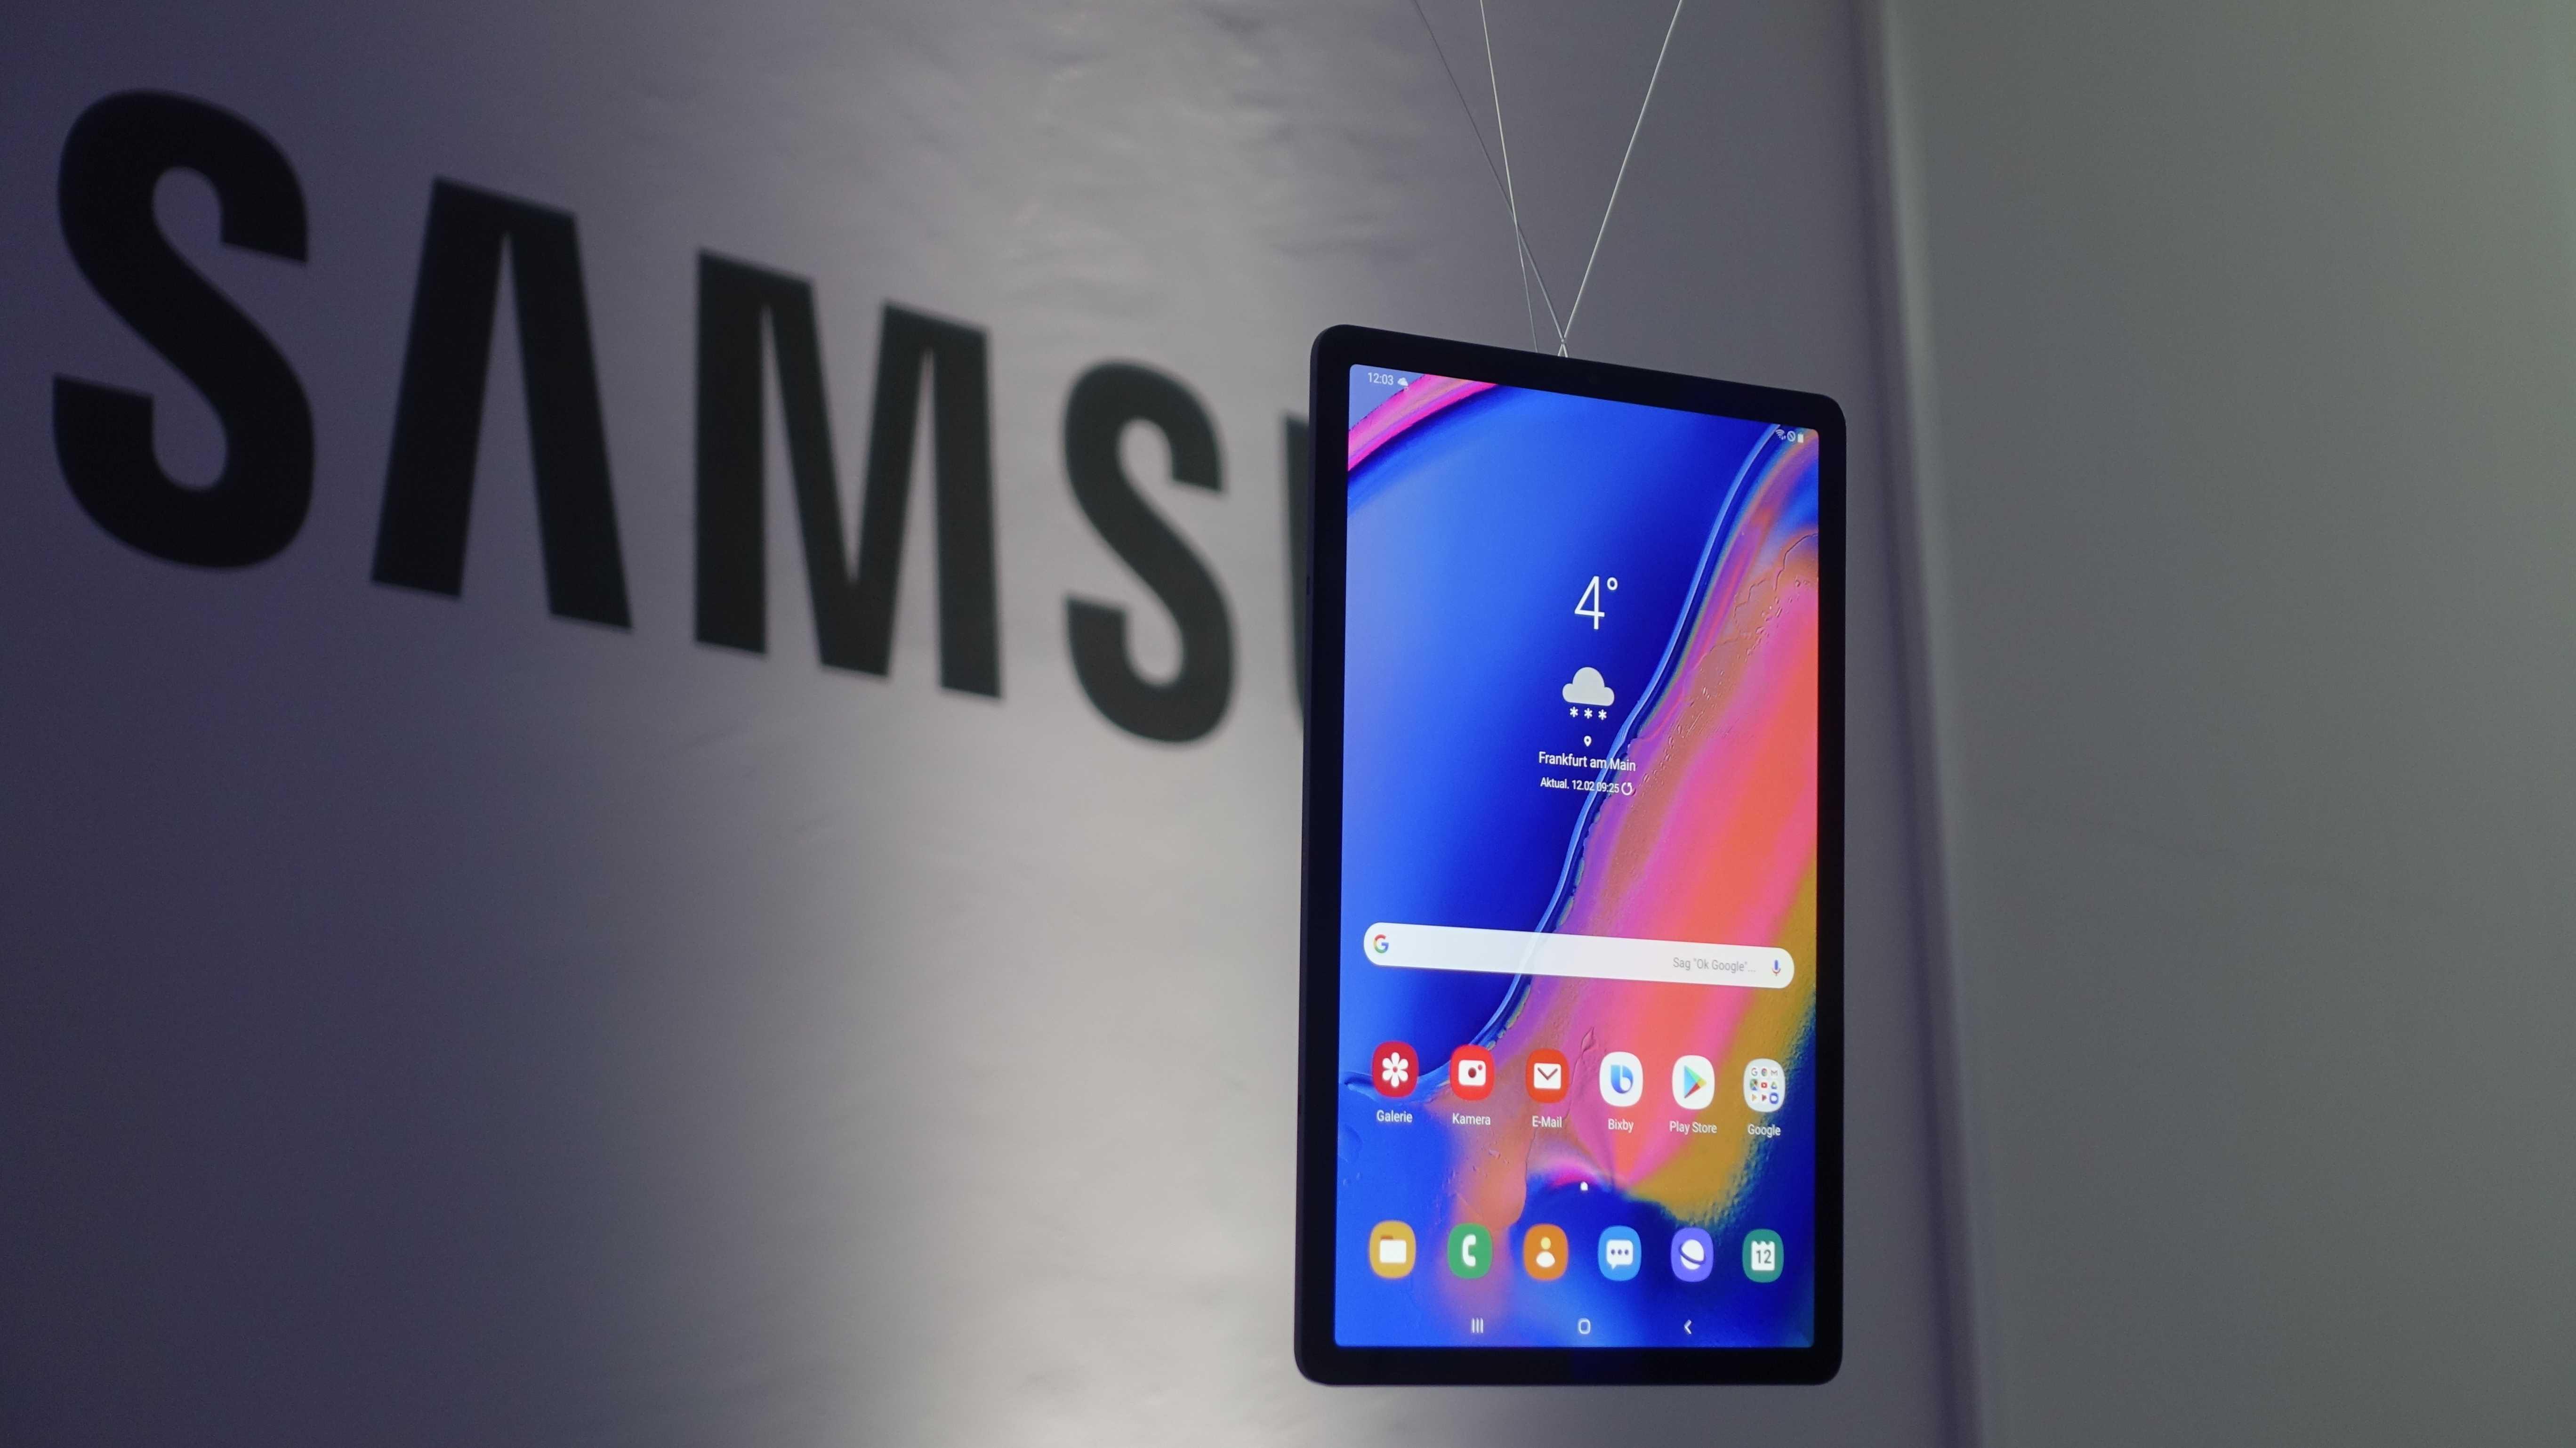 Samsung Galaxy Tab S5e: Das wahrscheinlich leichteste Tablet der Welt